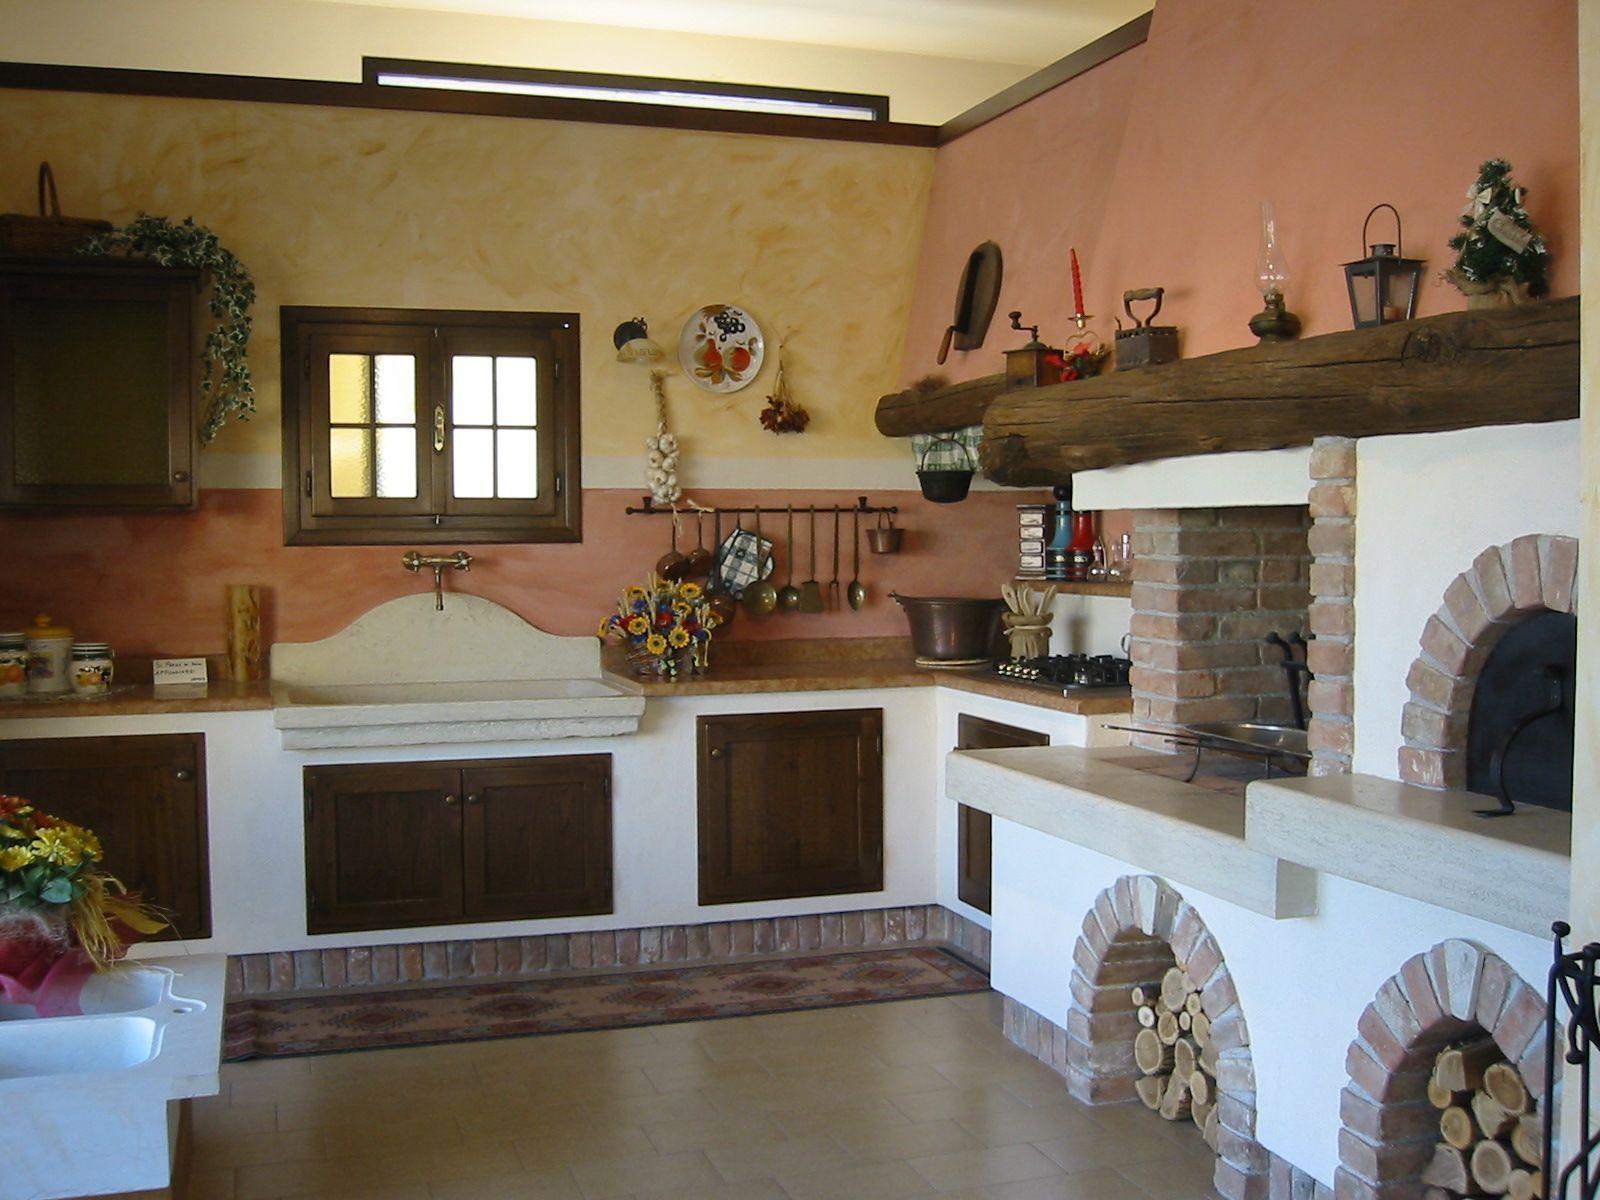 Cucine da sogno rustiche cerca con google casa dolce - Cucine in muratura rustica ...